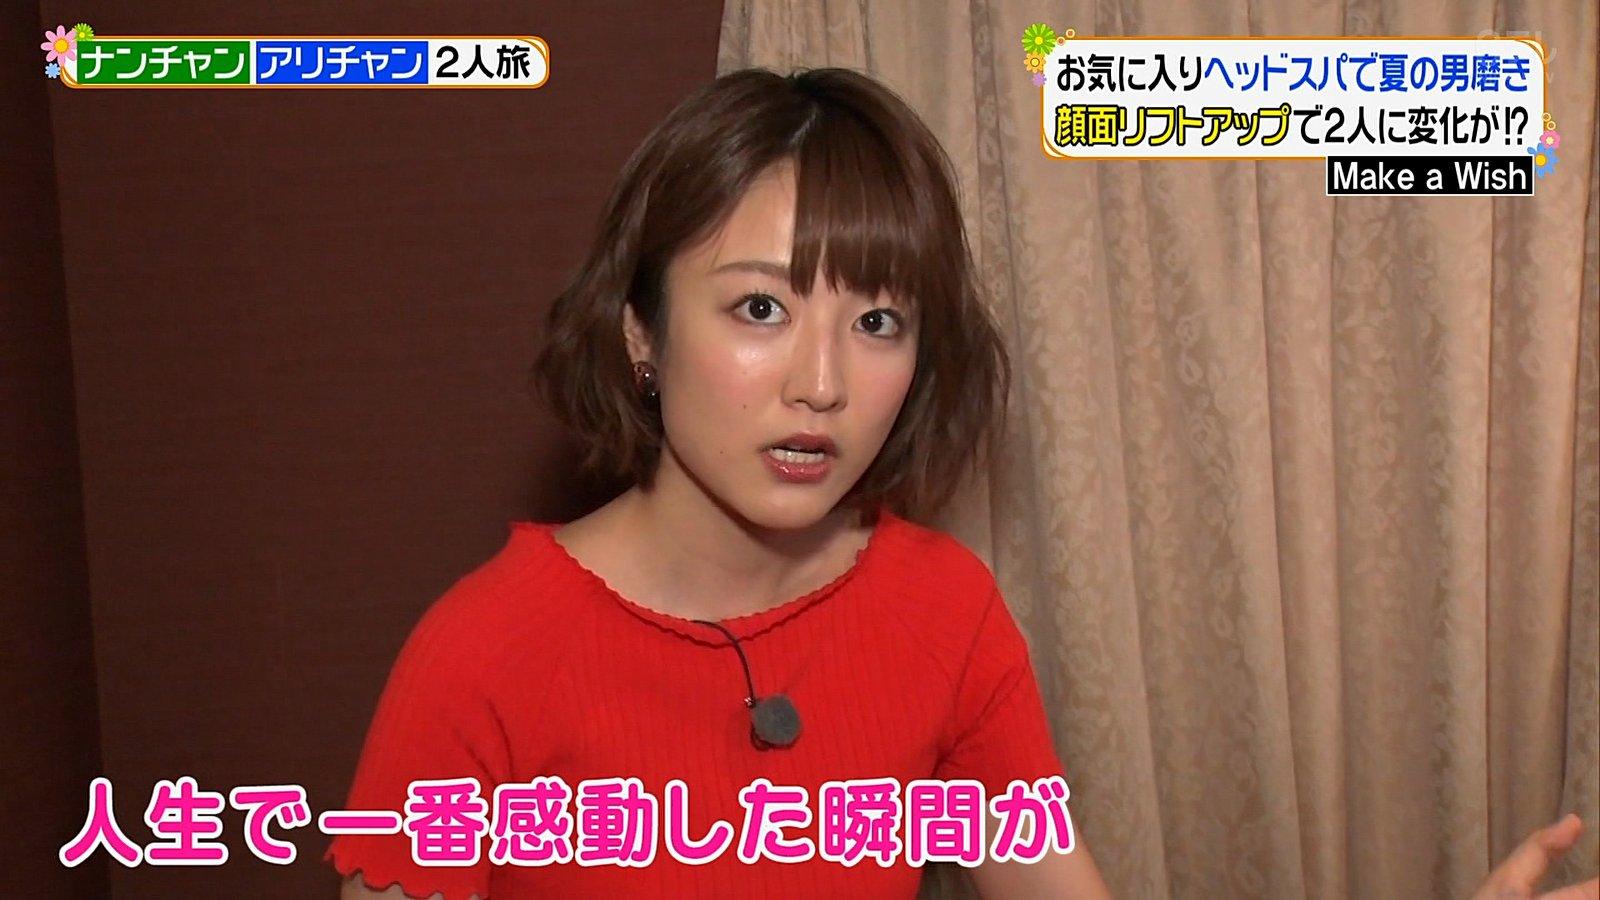 2019年8月9日日本テレビ系列『ヒルナンデス!』滝菜月さんのテレビキャプチャー画像-347